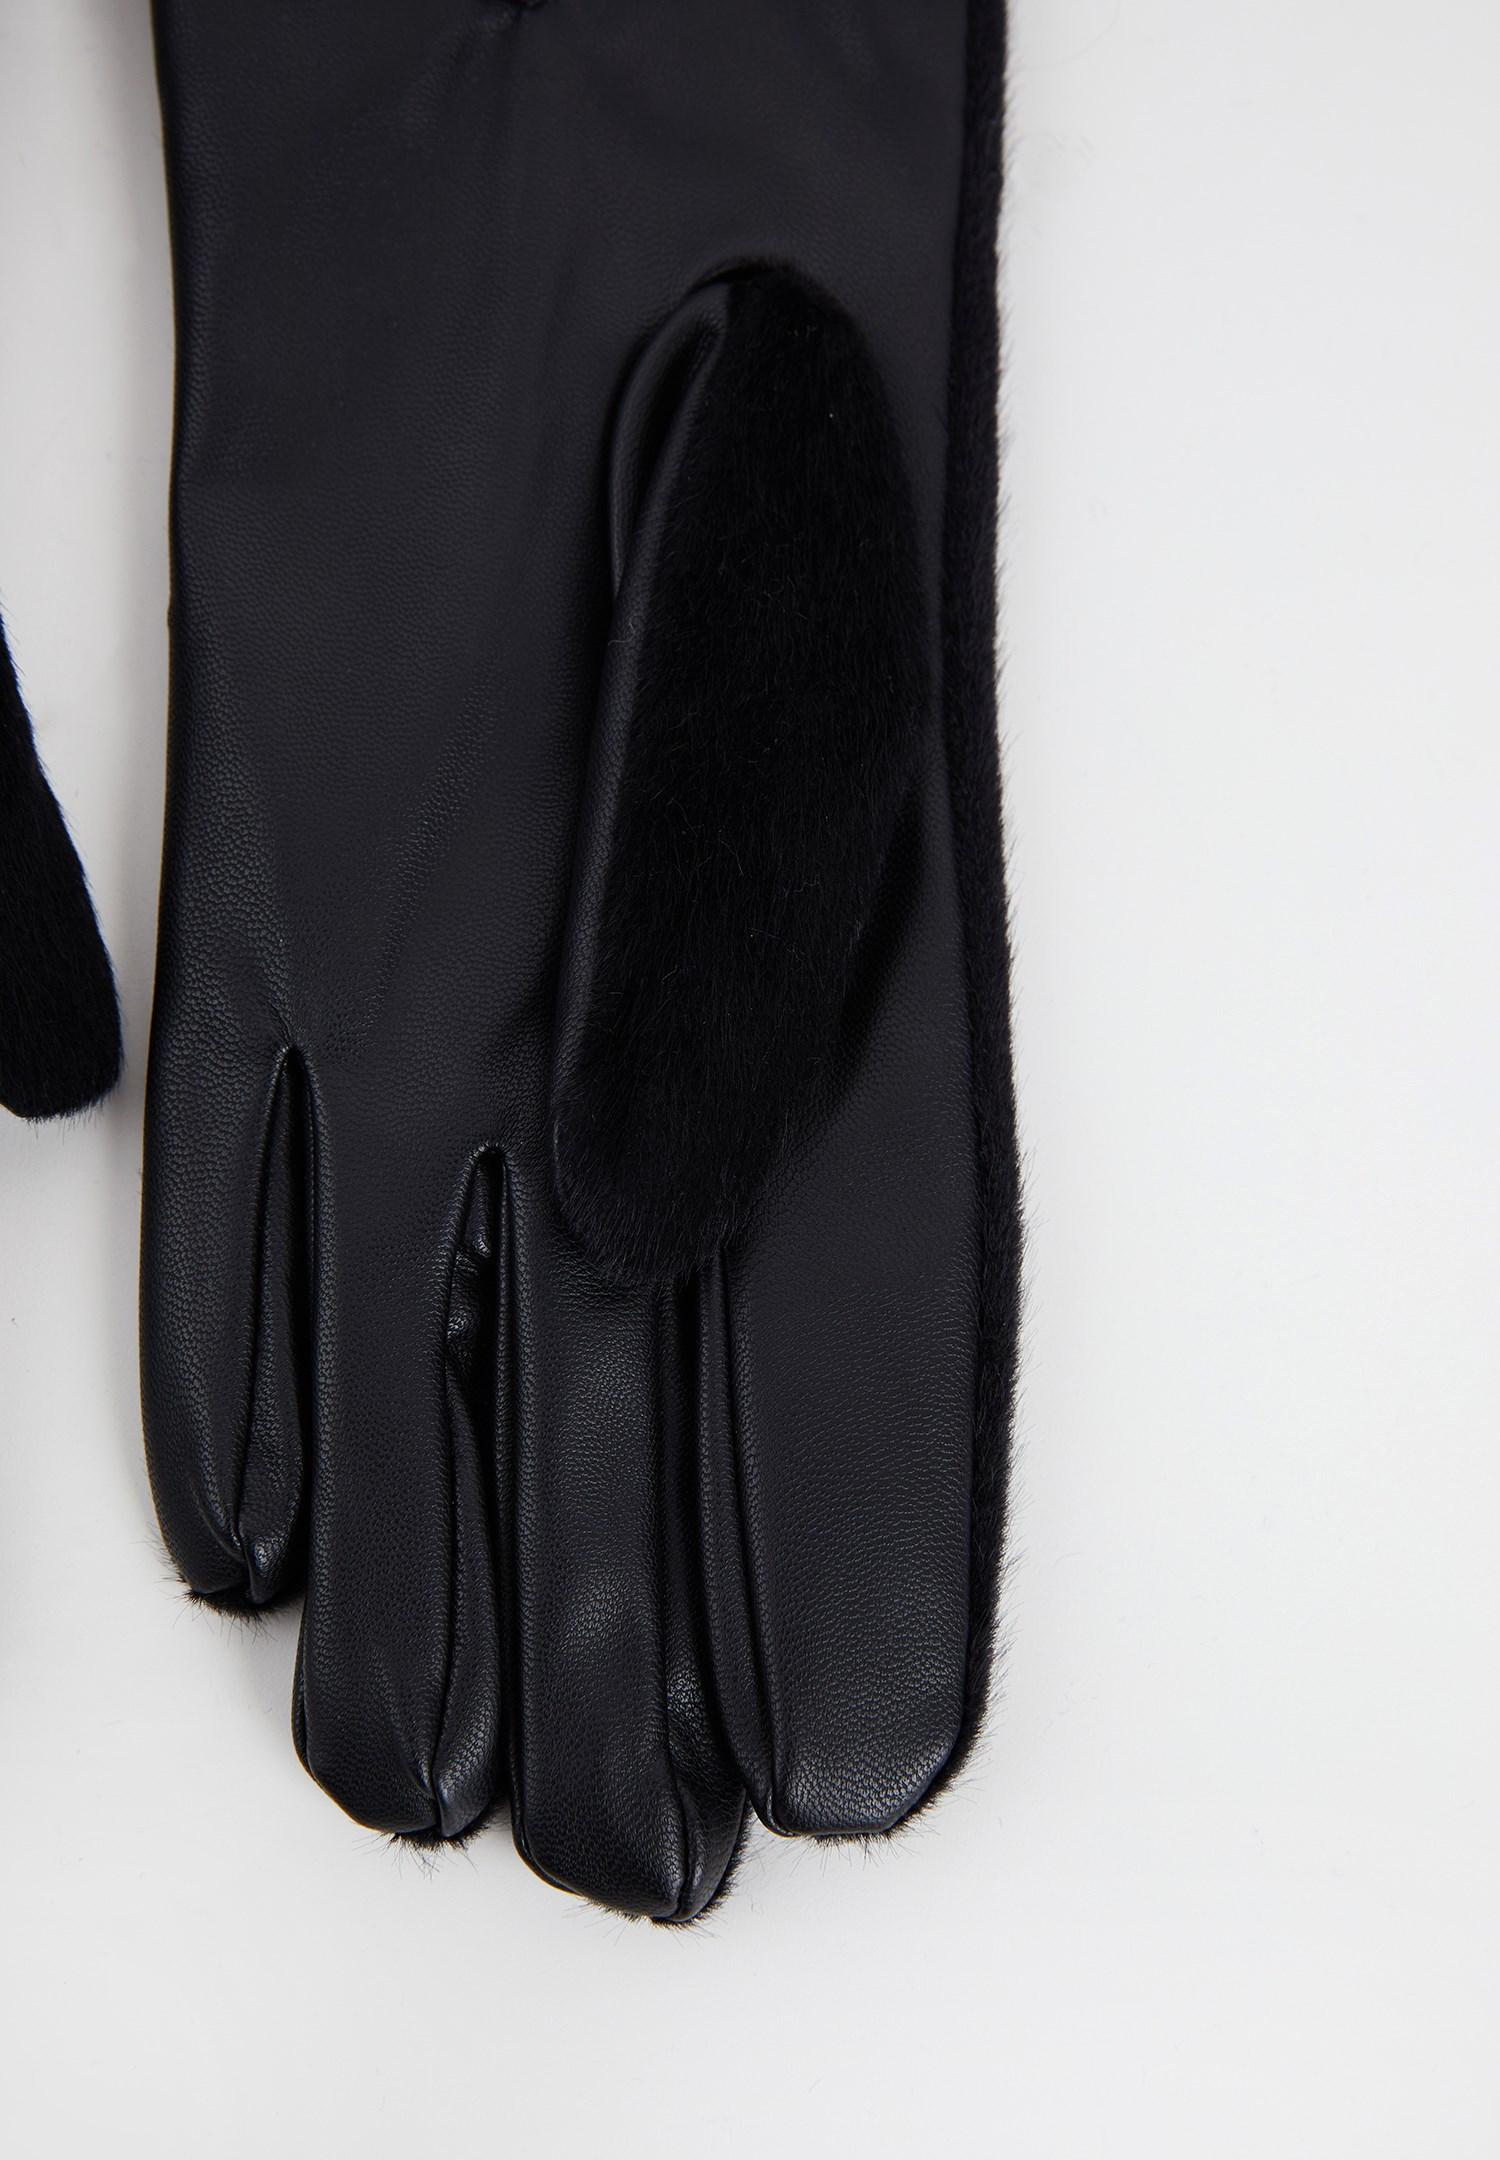 Bayan Siyah Suni Kürk Detaylı Deri Eldiven